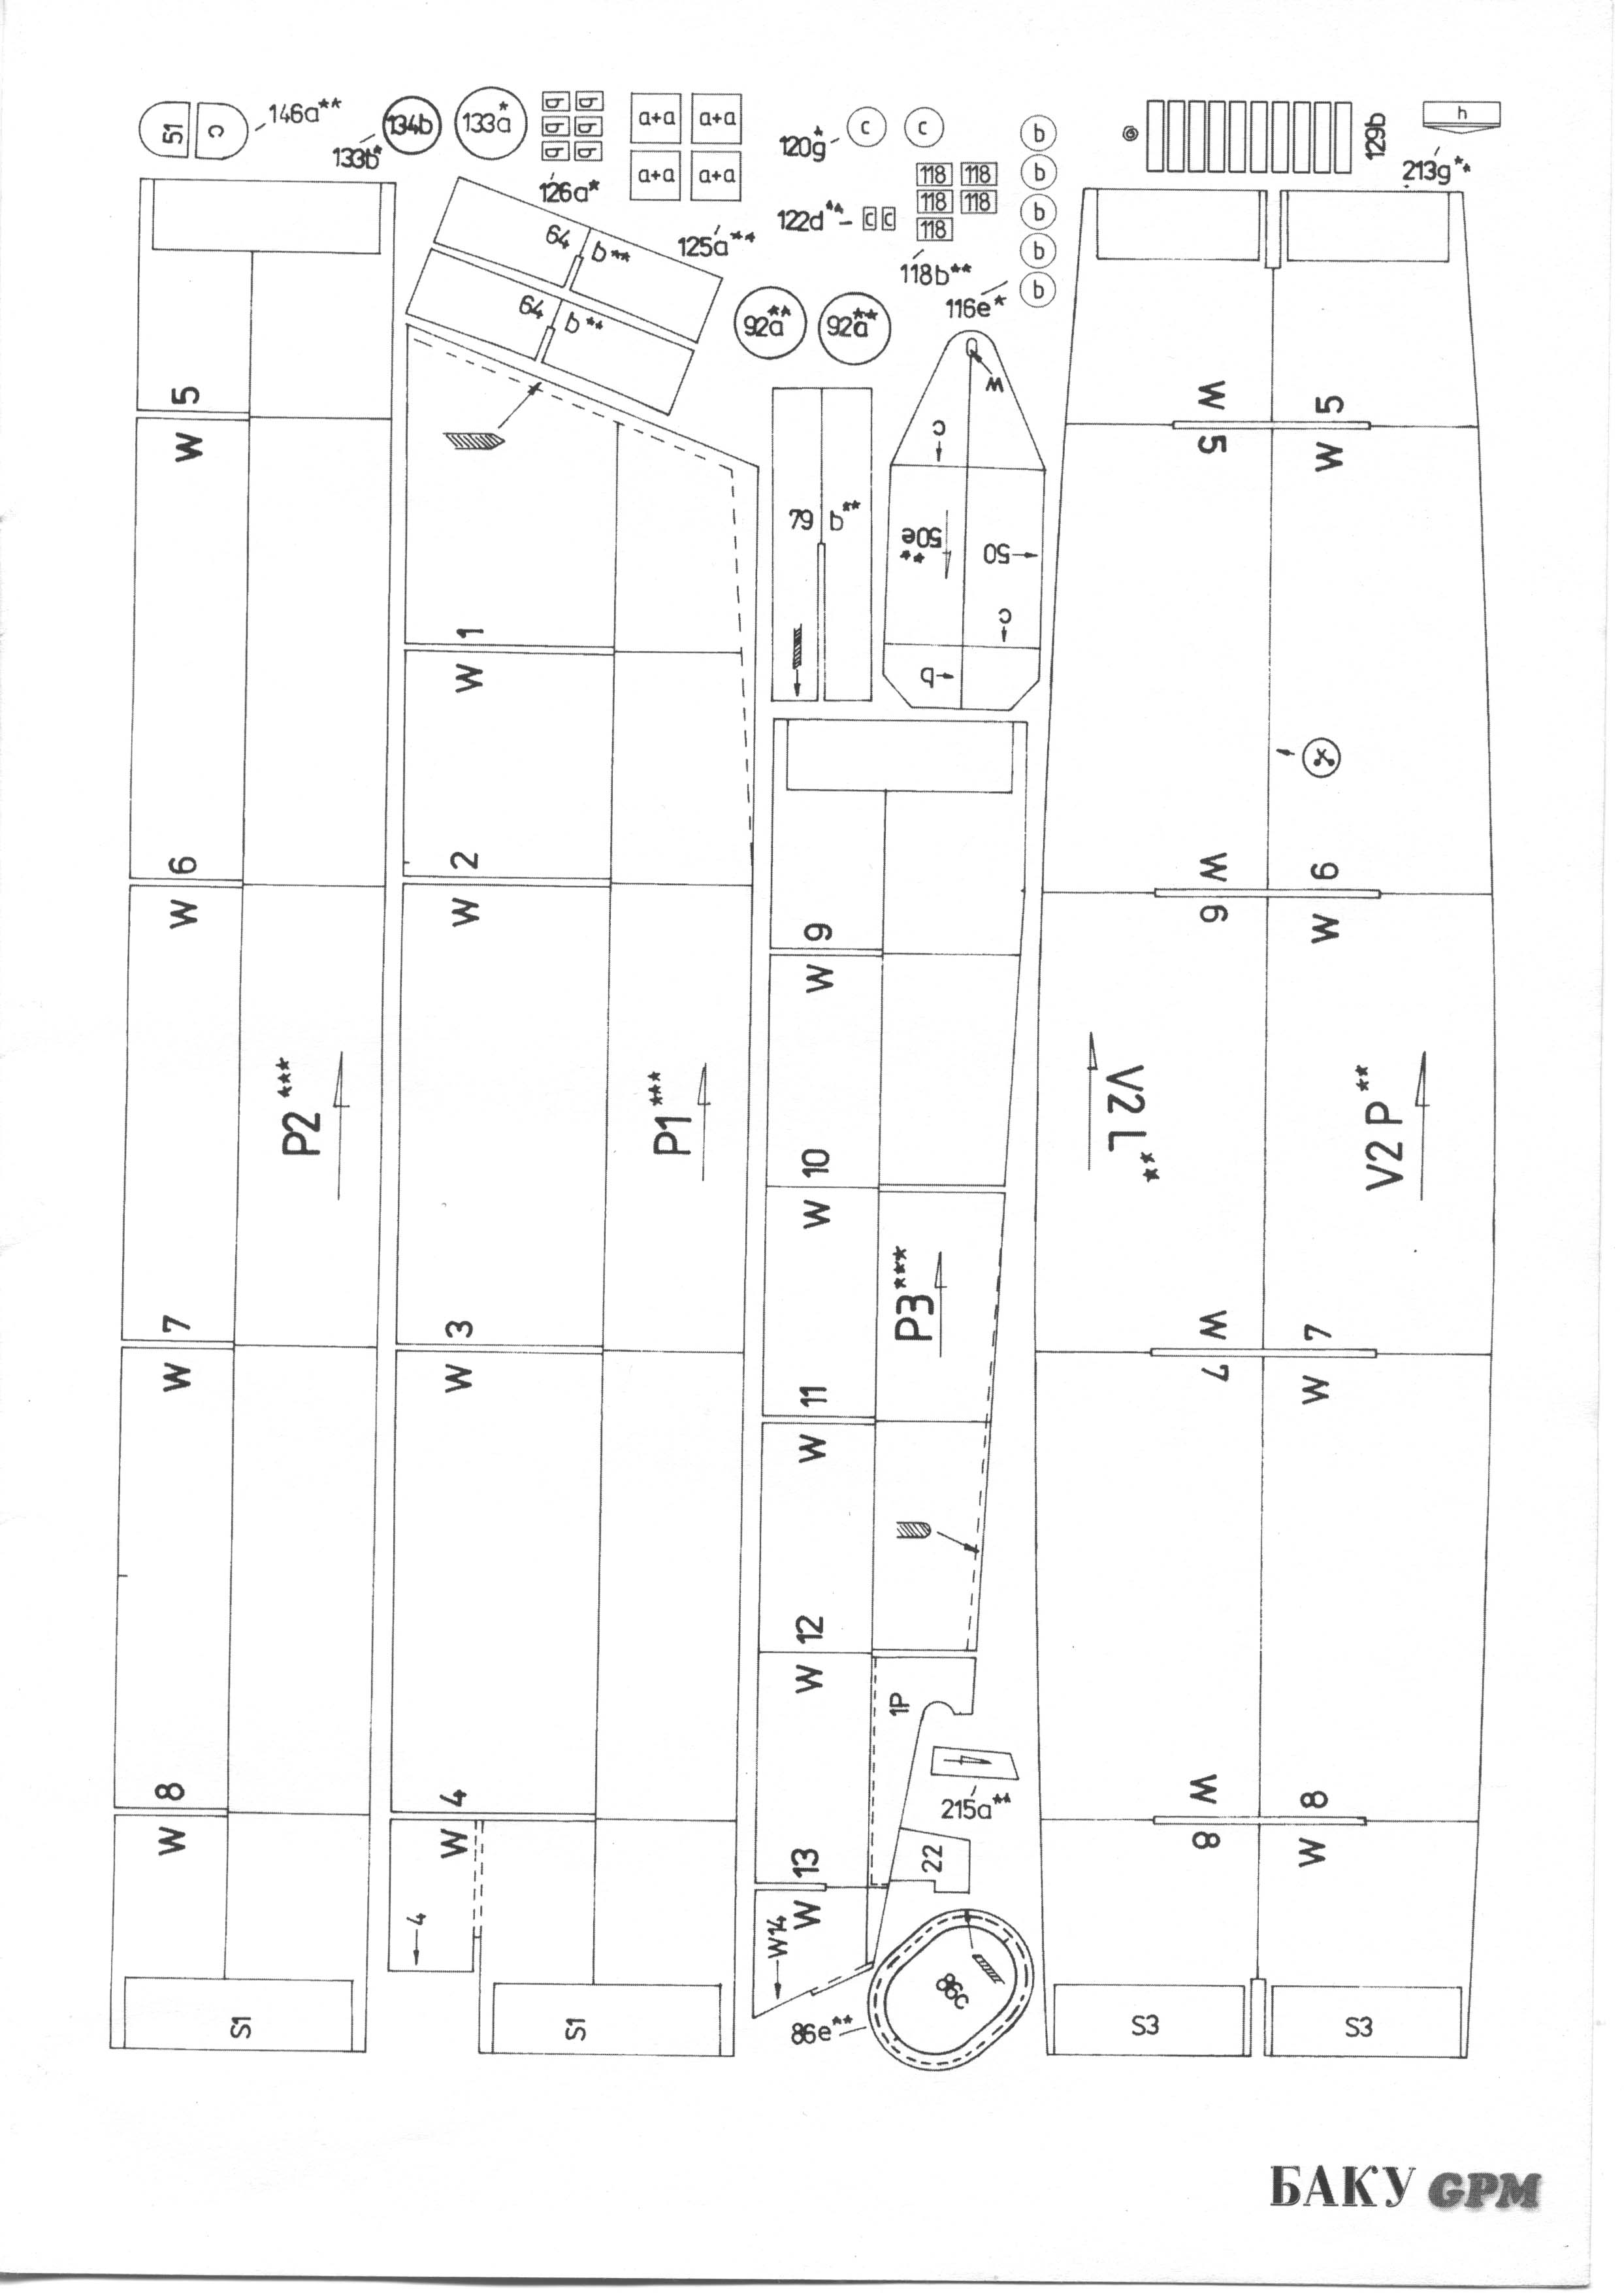 俄罗斯驱逐舰Baku巴库号船模平面图纸 JPG格式